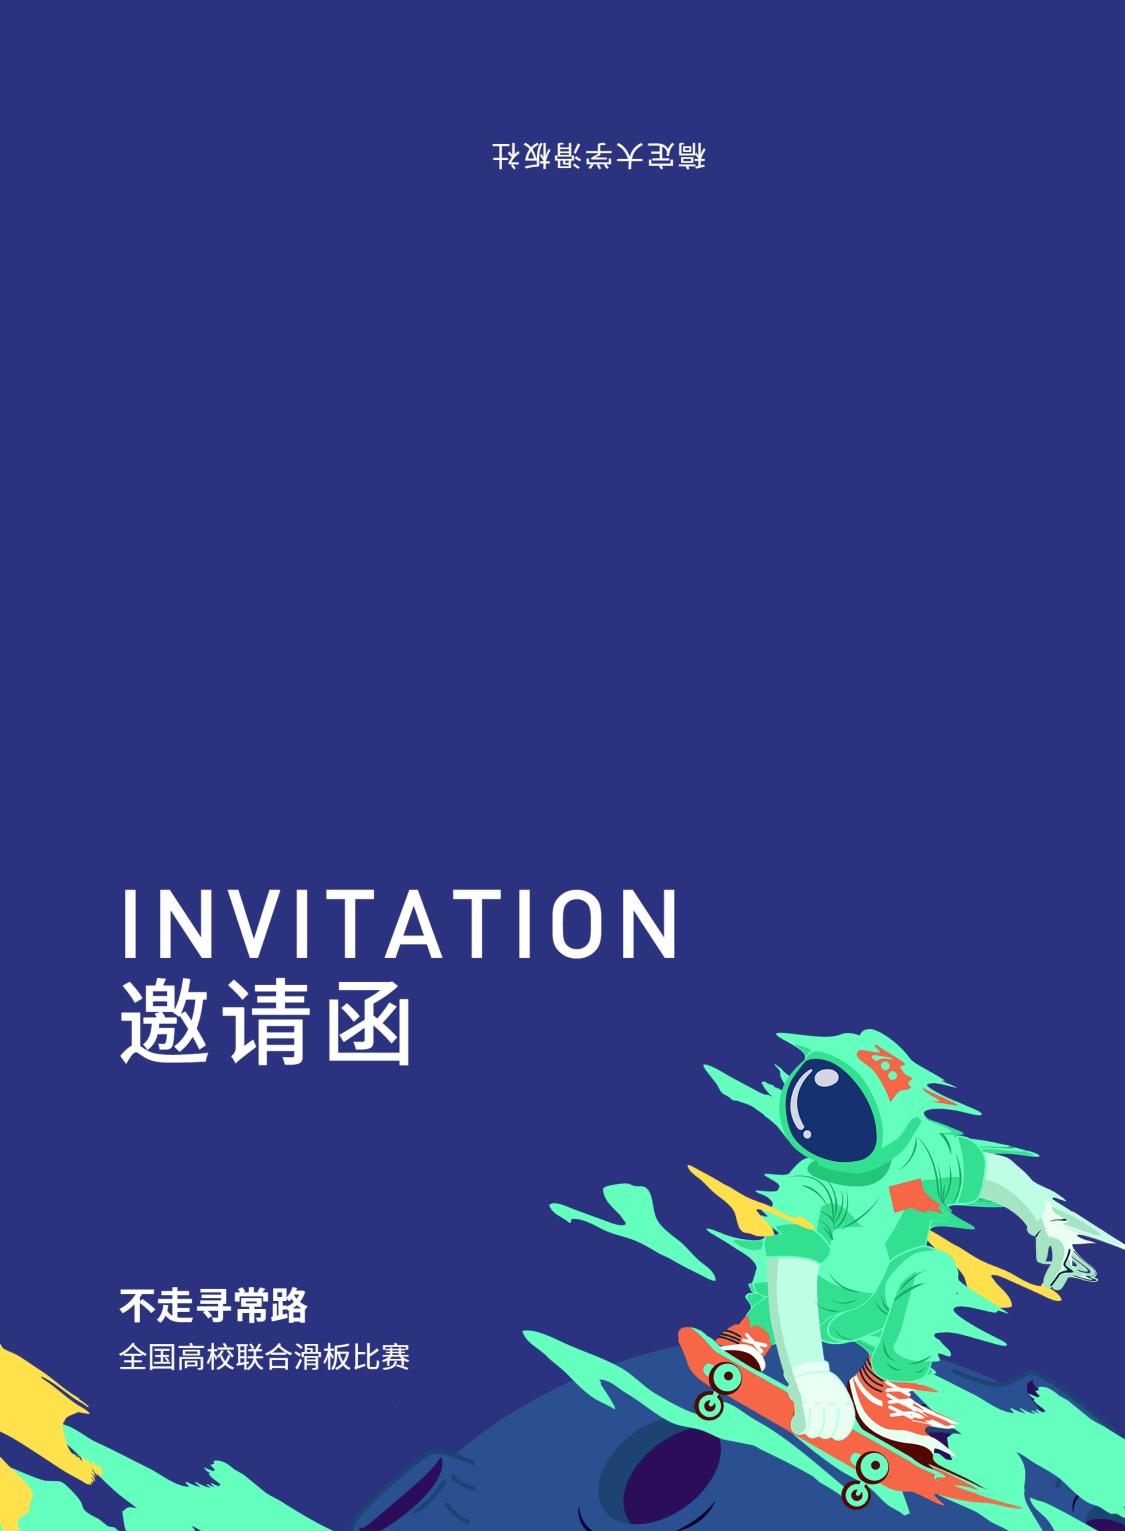 轮滑比赛绿色清新印刷邀请函